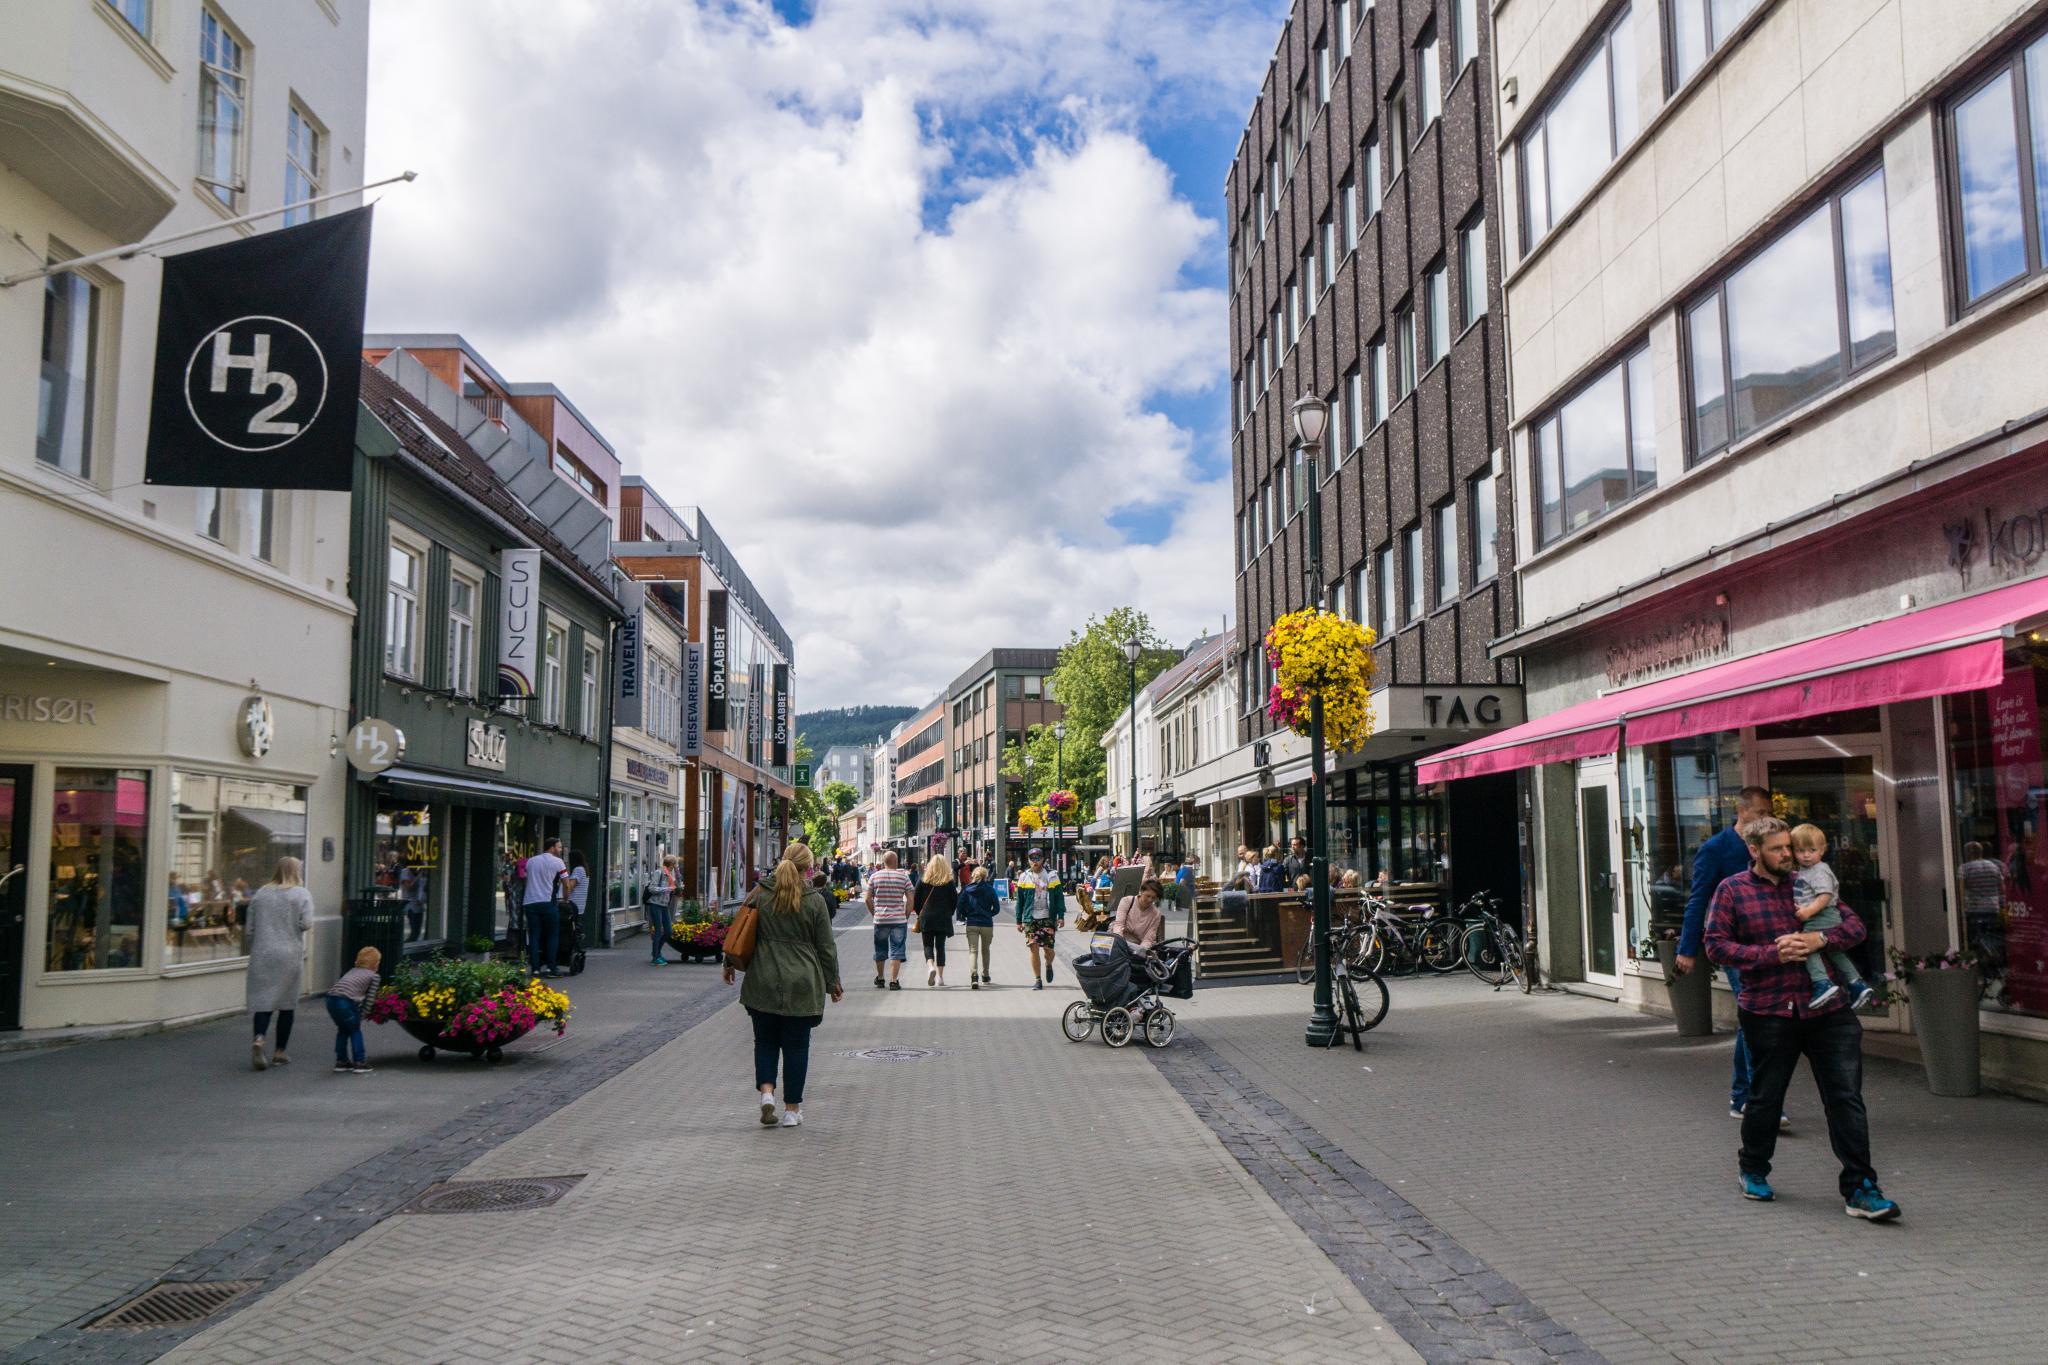 【北歐景點】拜訪維京王的千年古城 - Trondheim 特隆赫姆景點懶人包 29